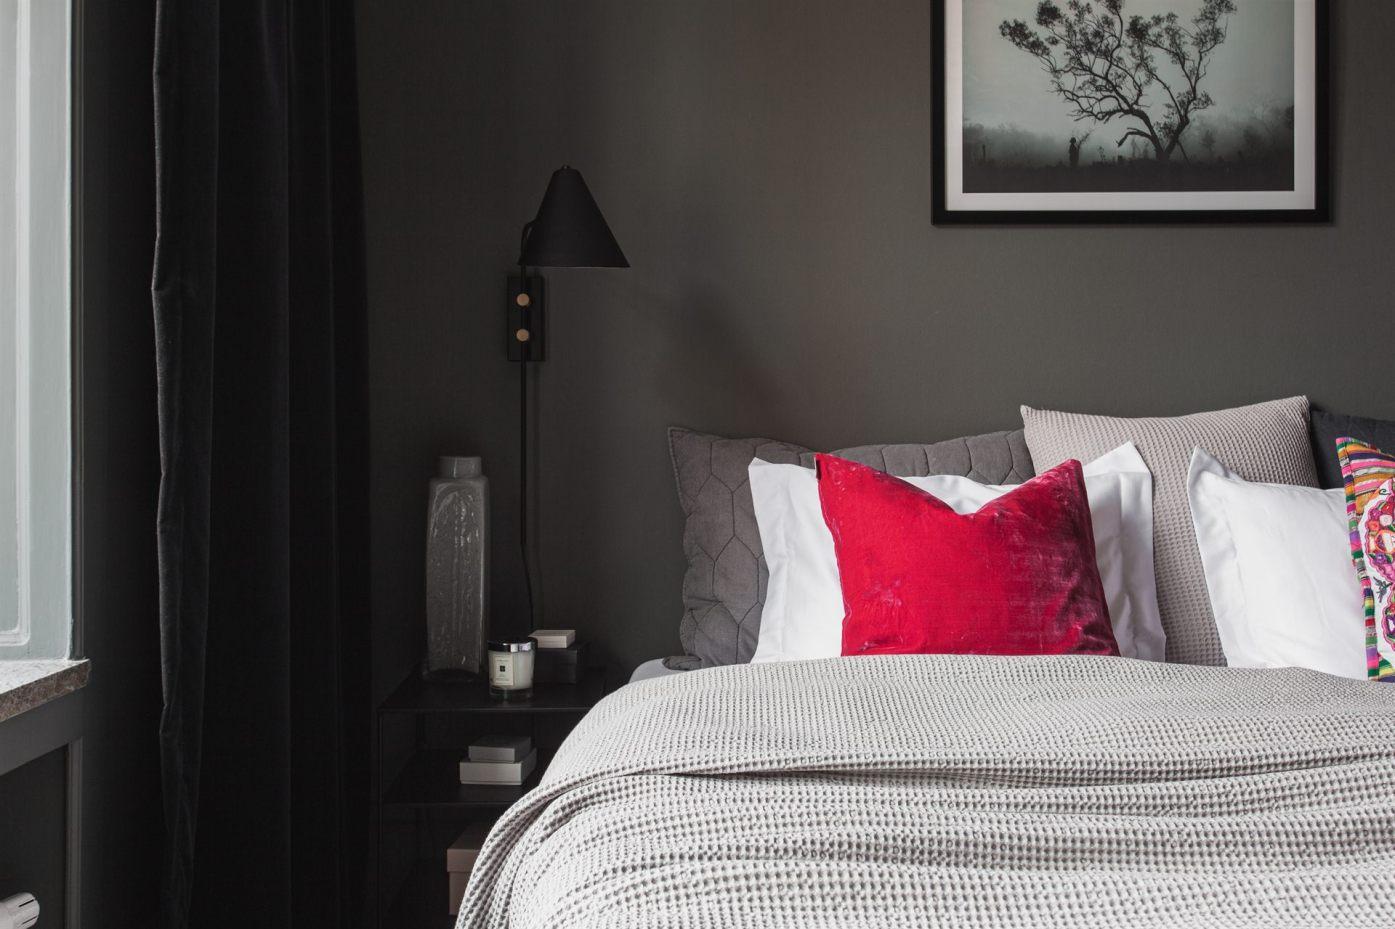 квартира 67 квм кровать изголовье подушки